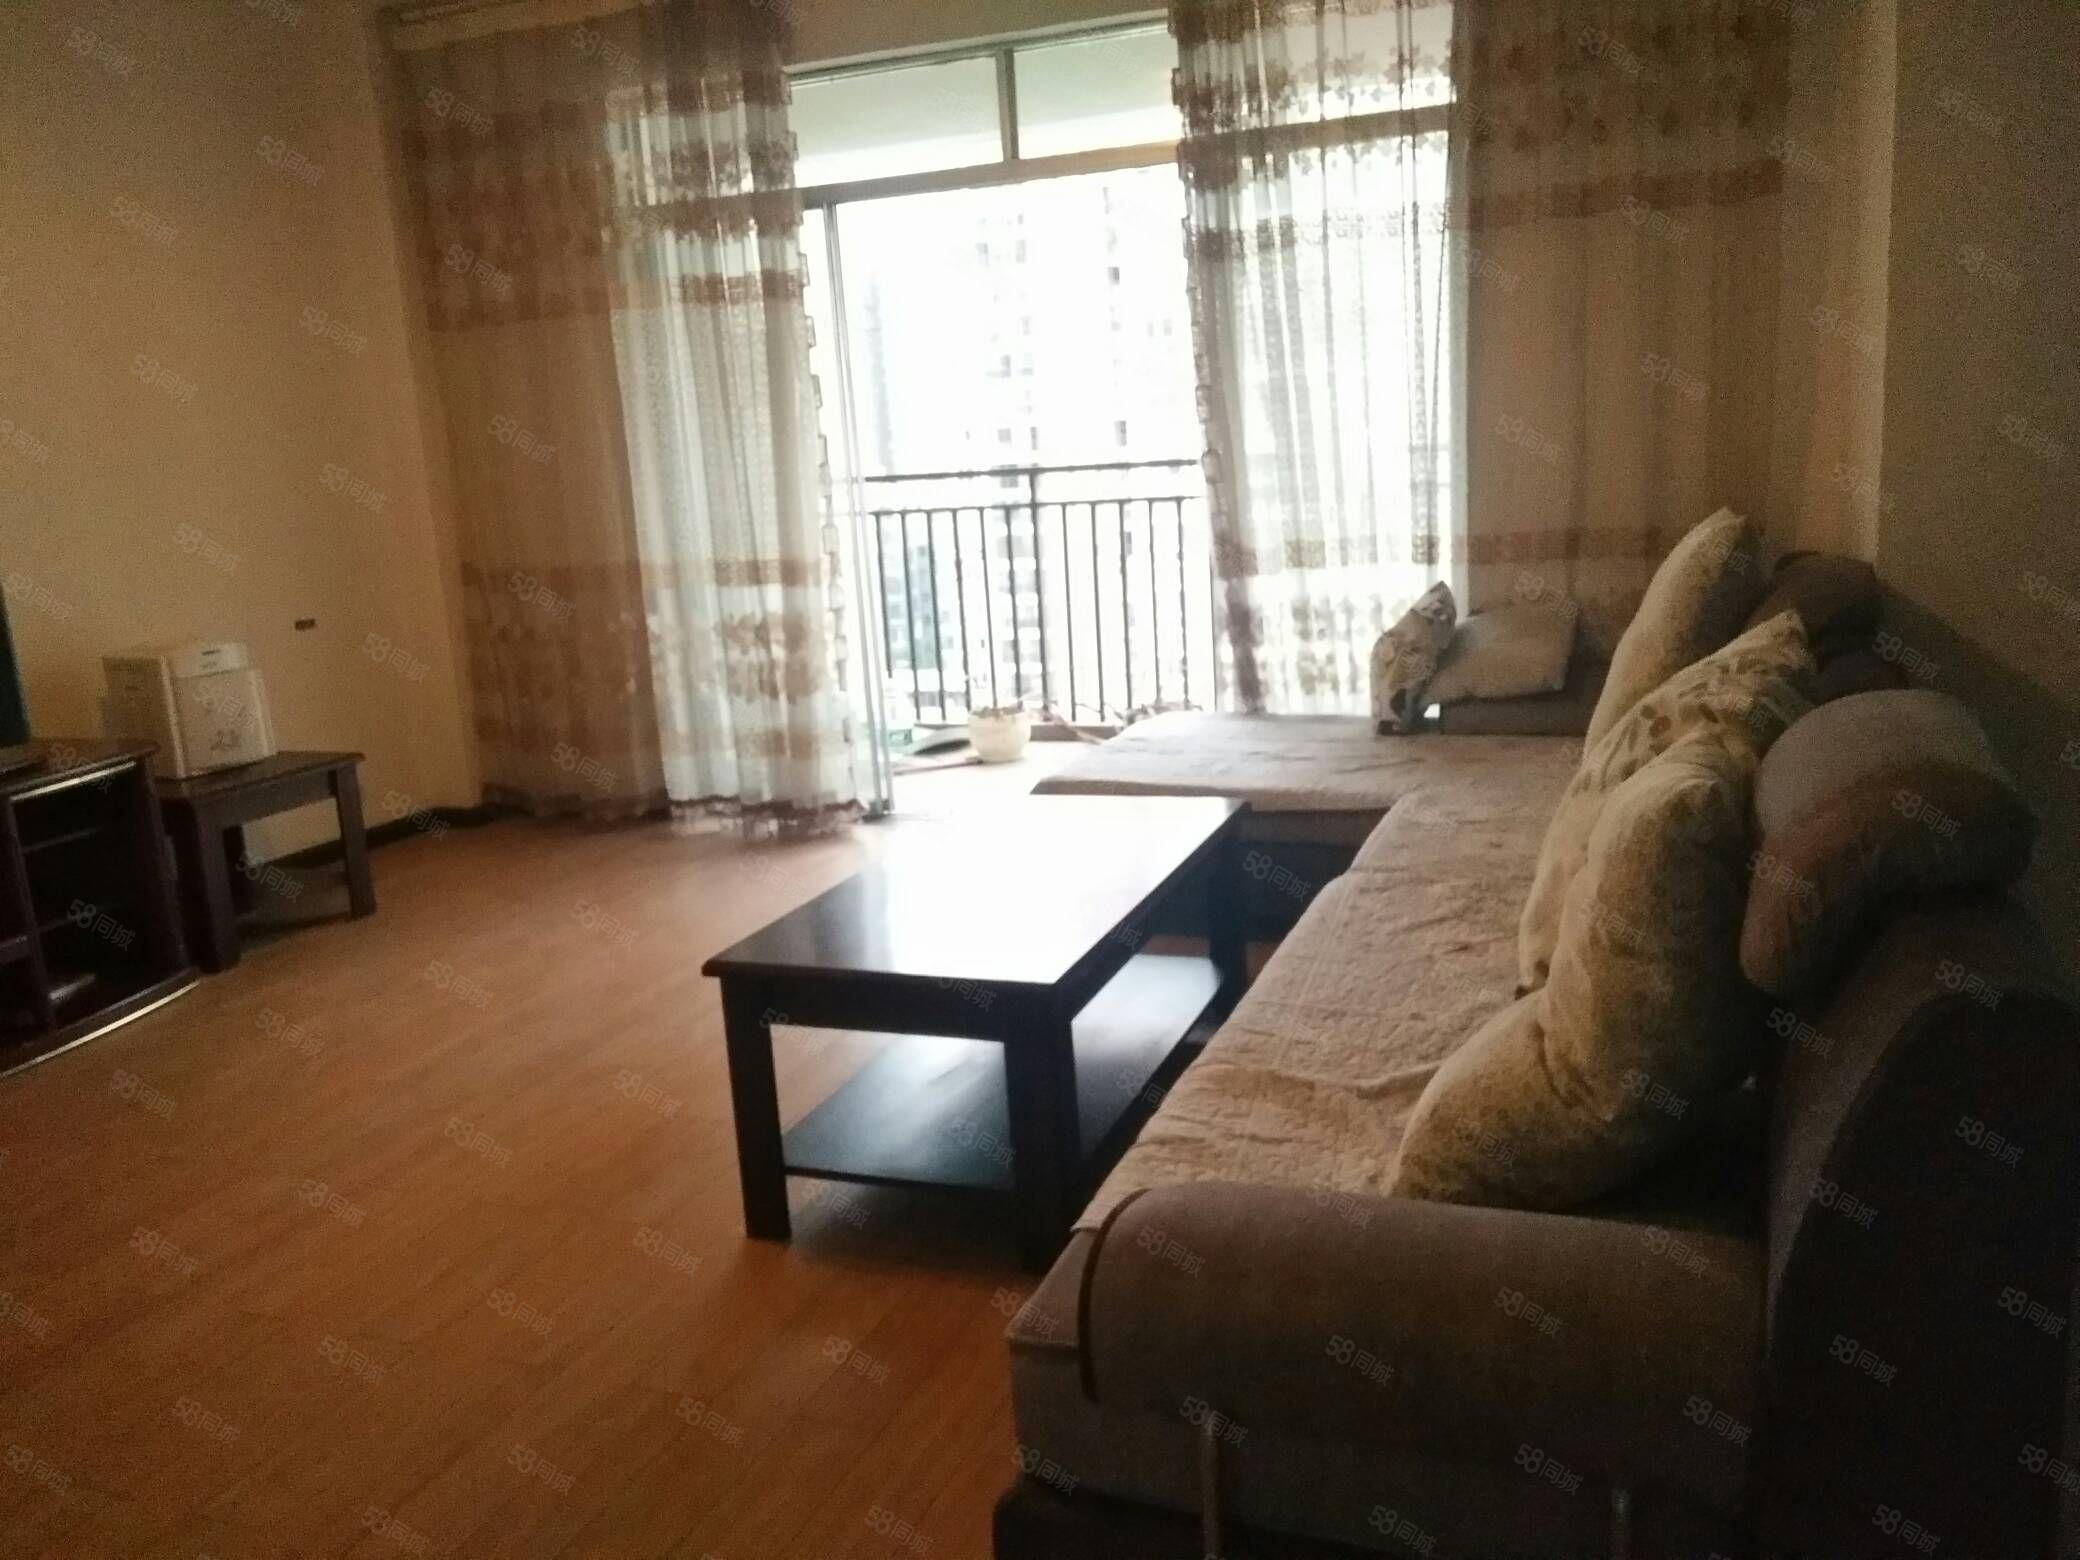 興泰社區榮御天下,簡單裝修,可添置部分家具,隨時看房